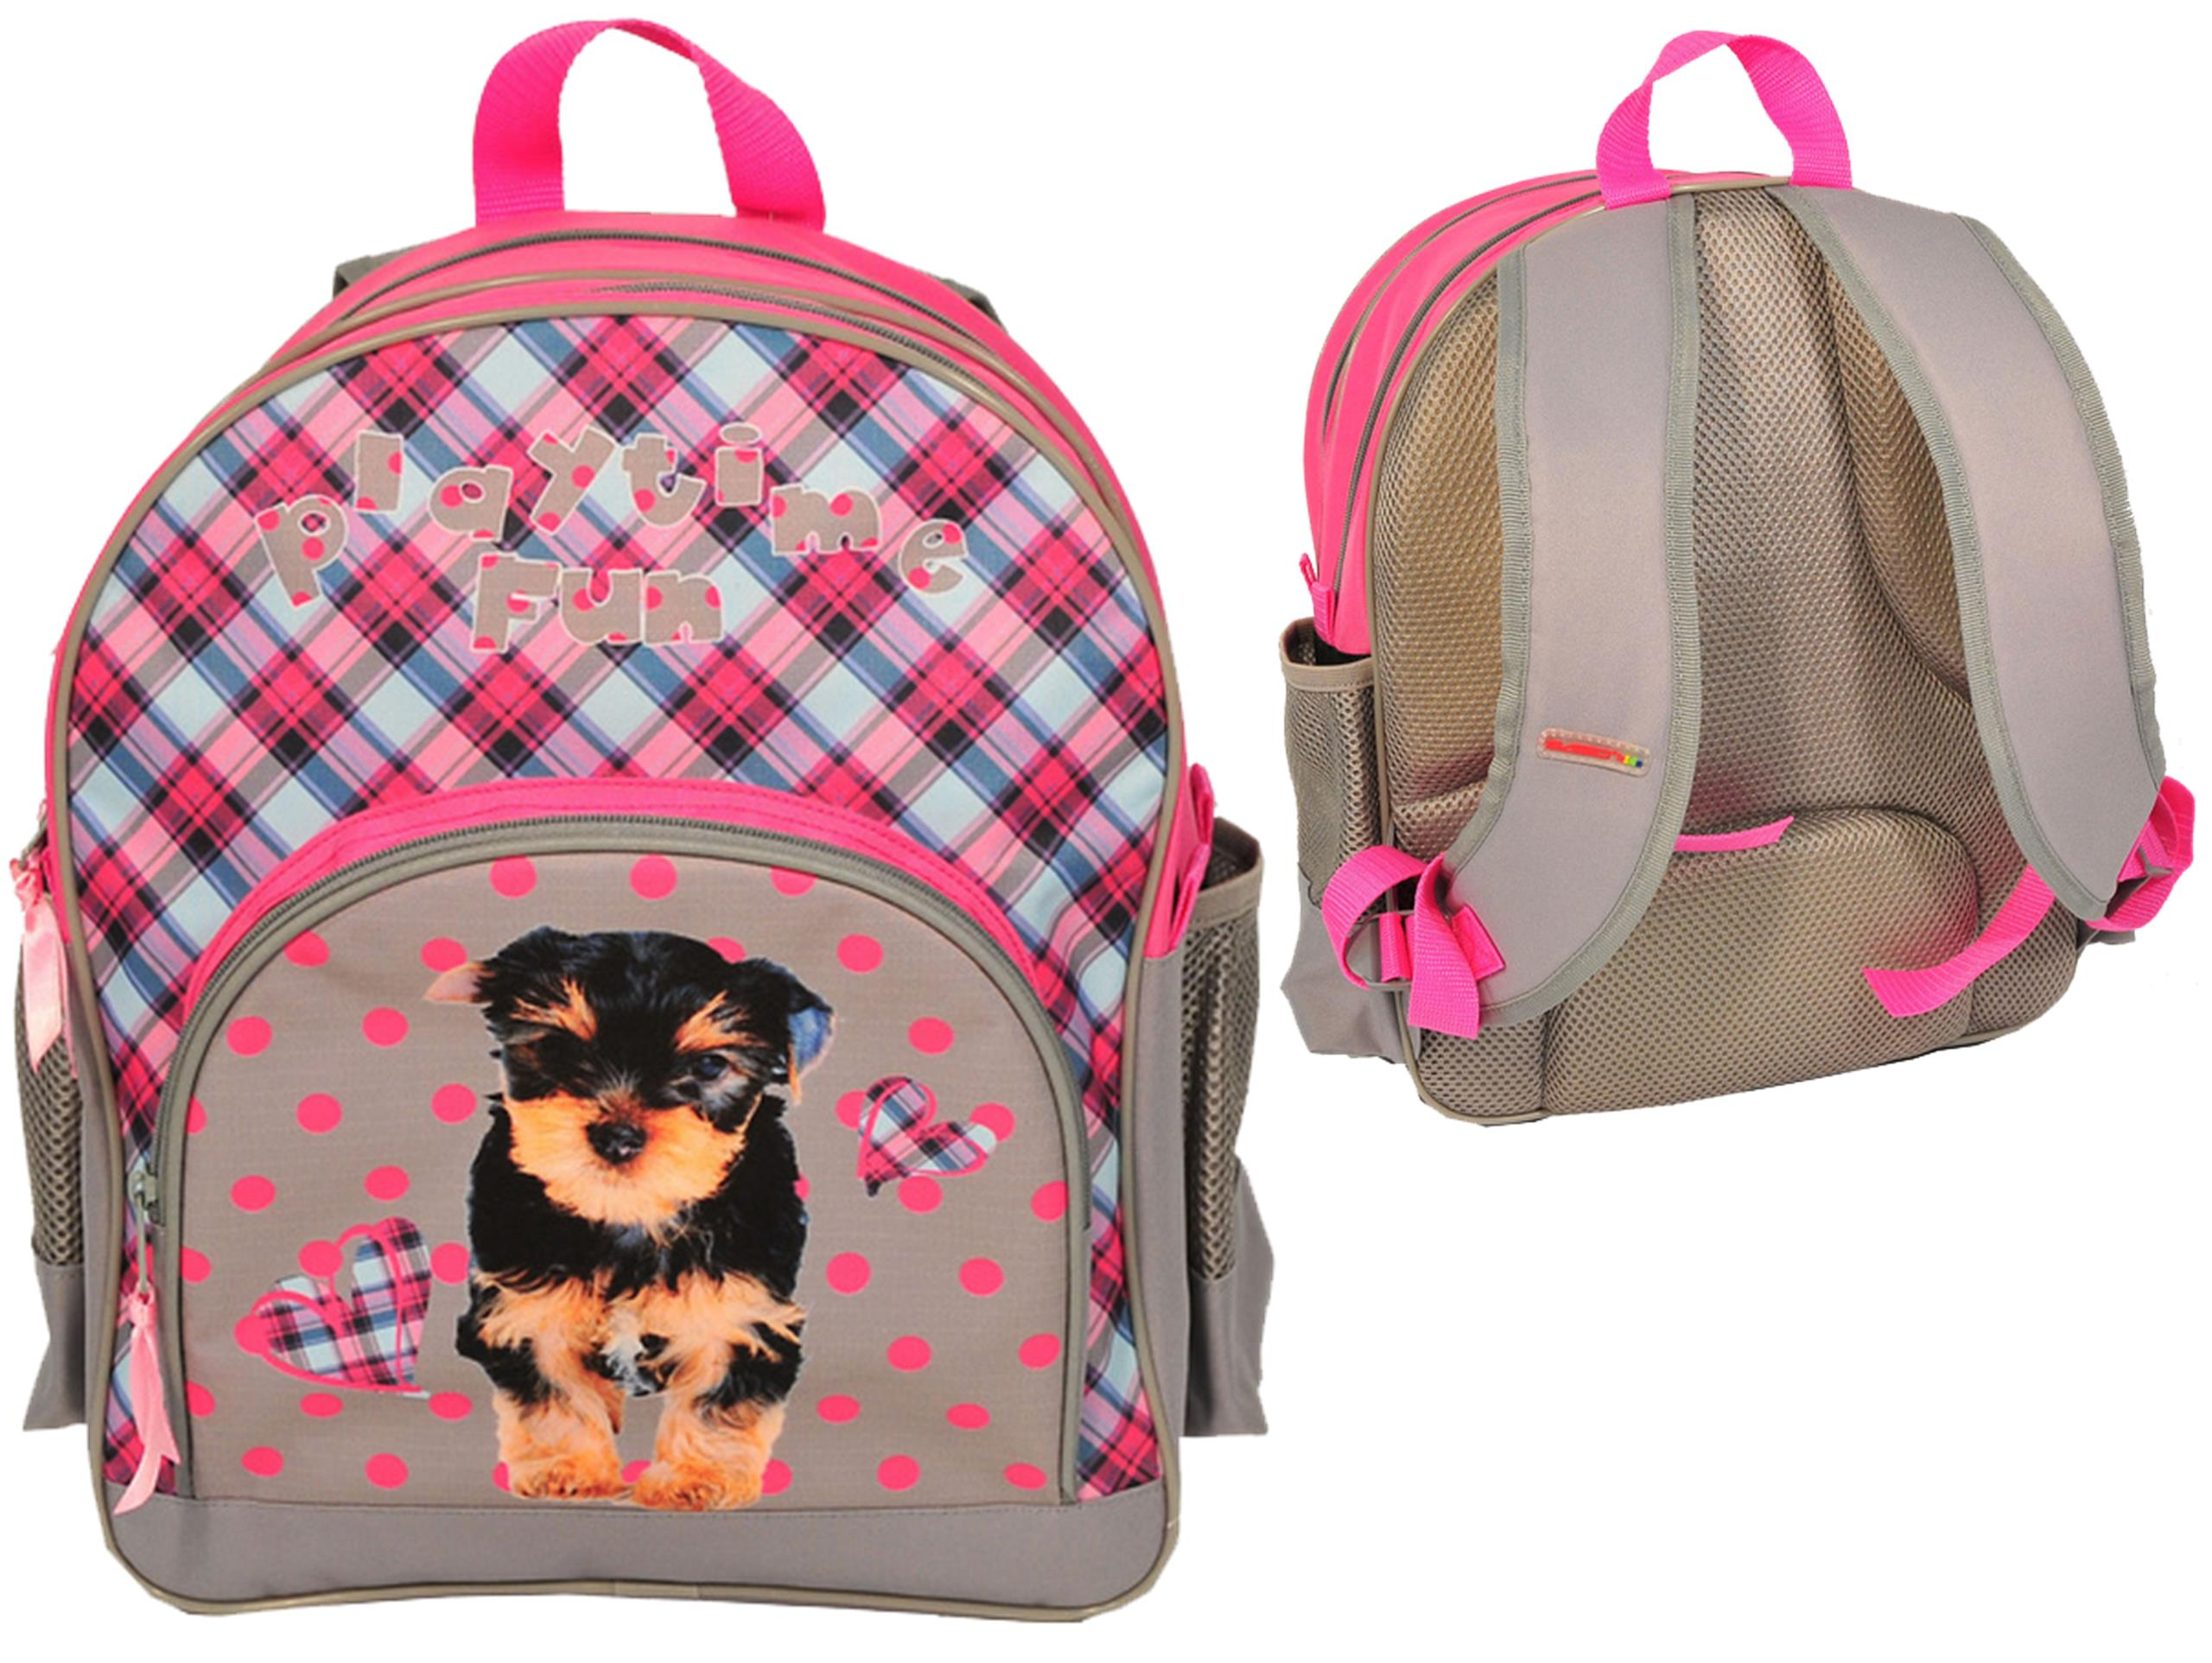 600e54f6e8b6 Plecak Szkolny z Pieskiem Pies York Dla Dziewczyny - 6667350197 ...